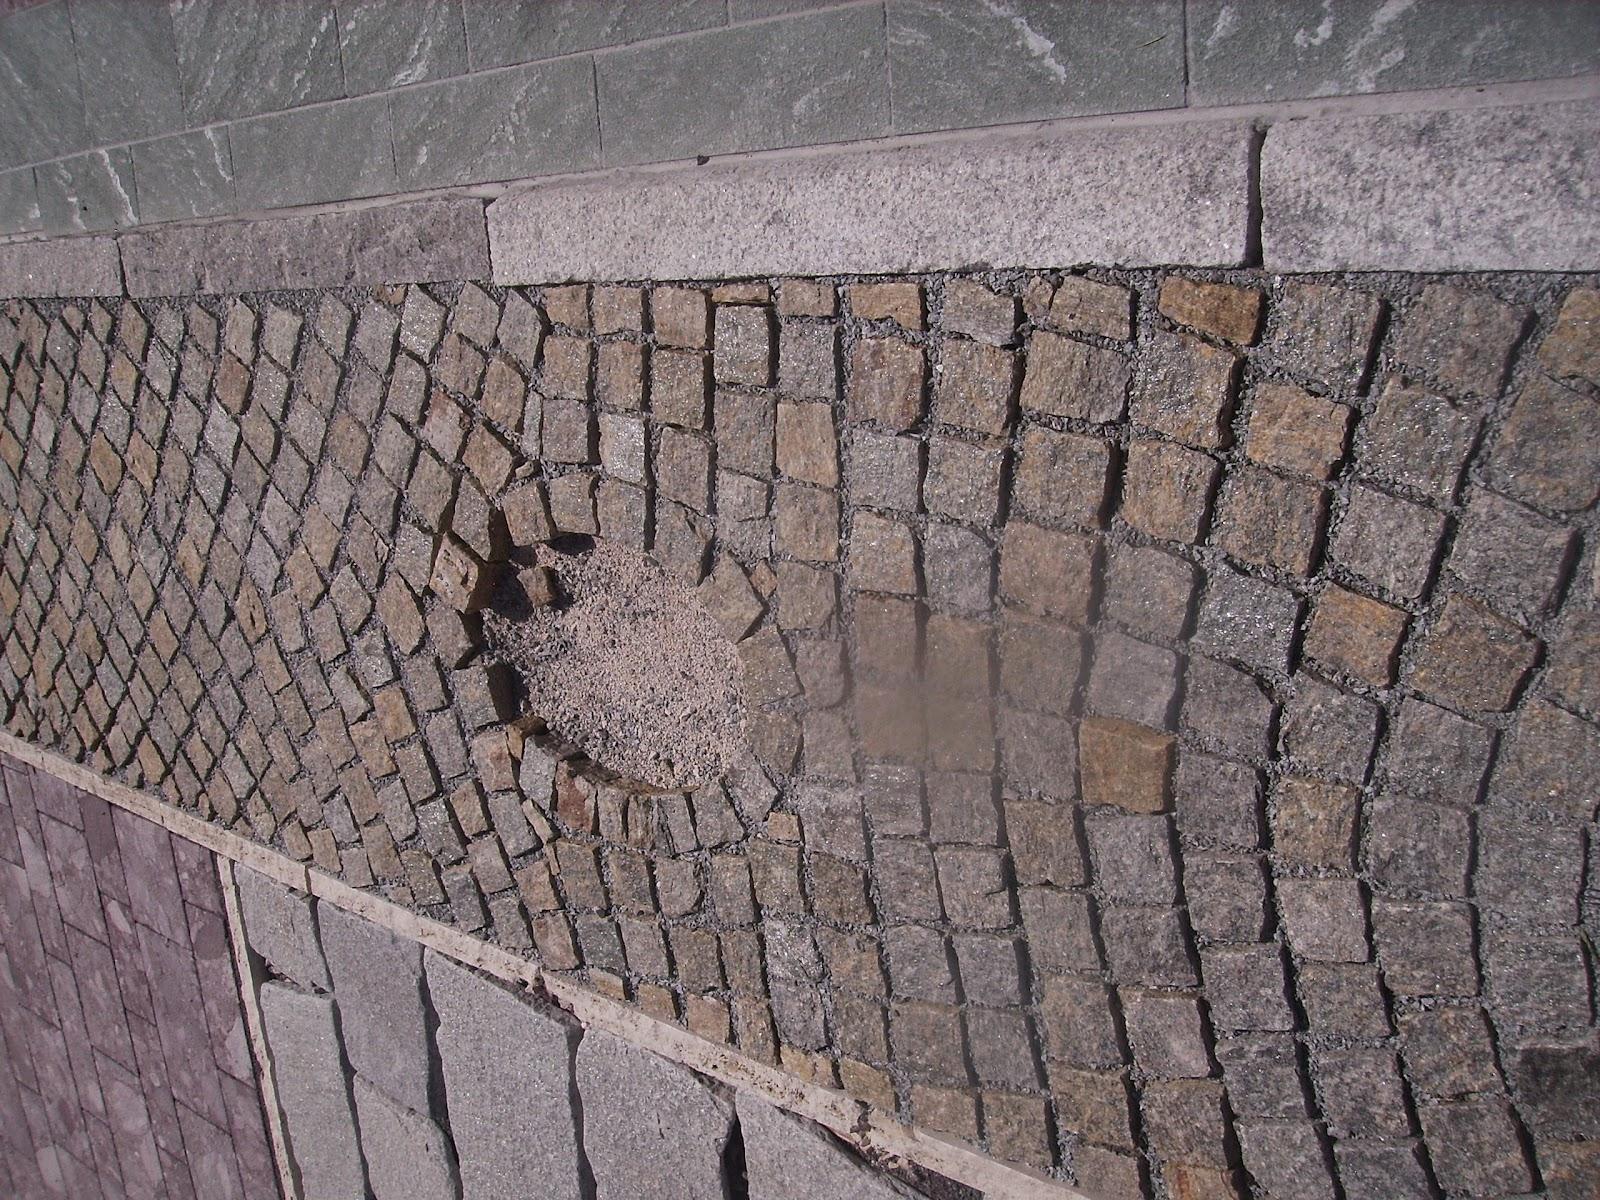 La pietra di luserna foto di pavimenti in cubetti - Foto pavimenti ...